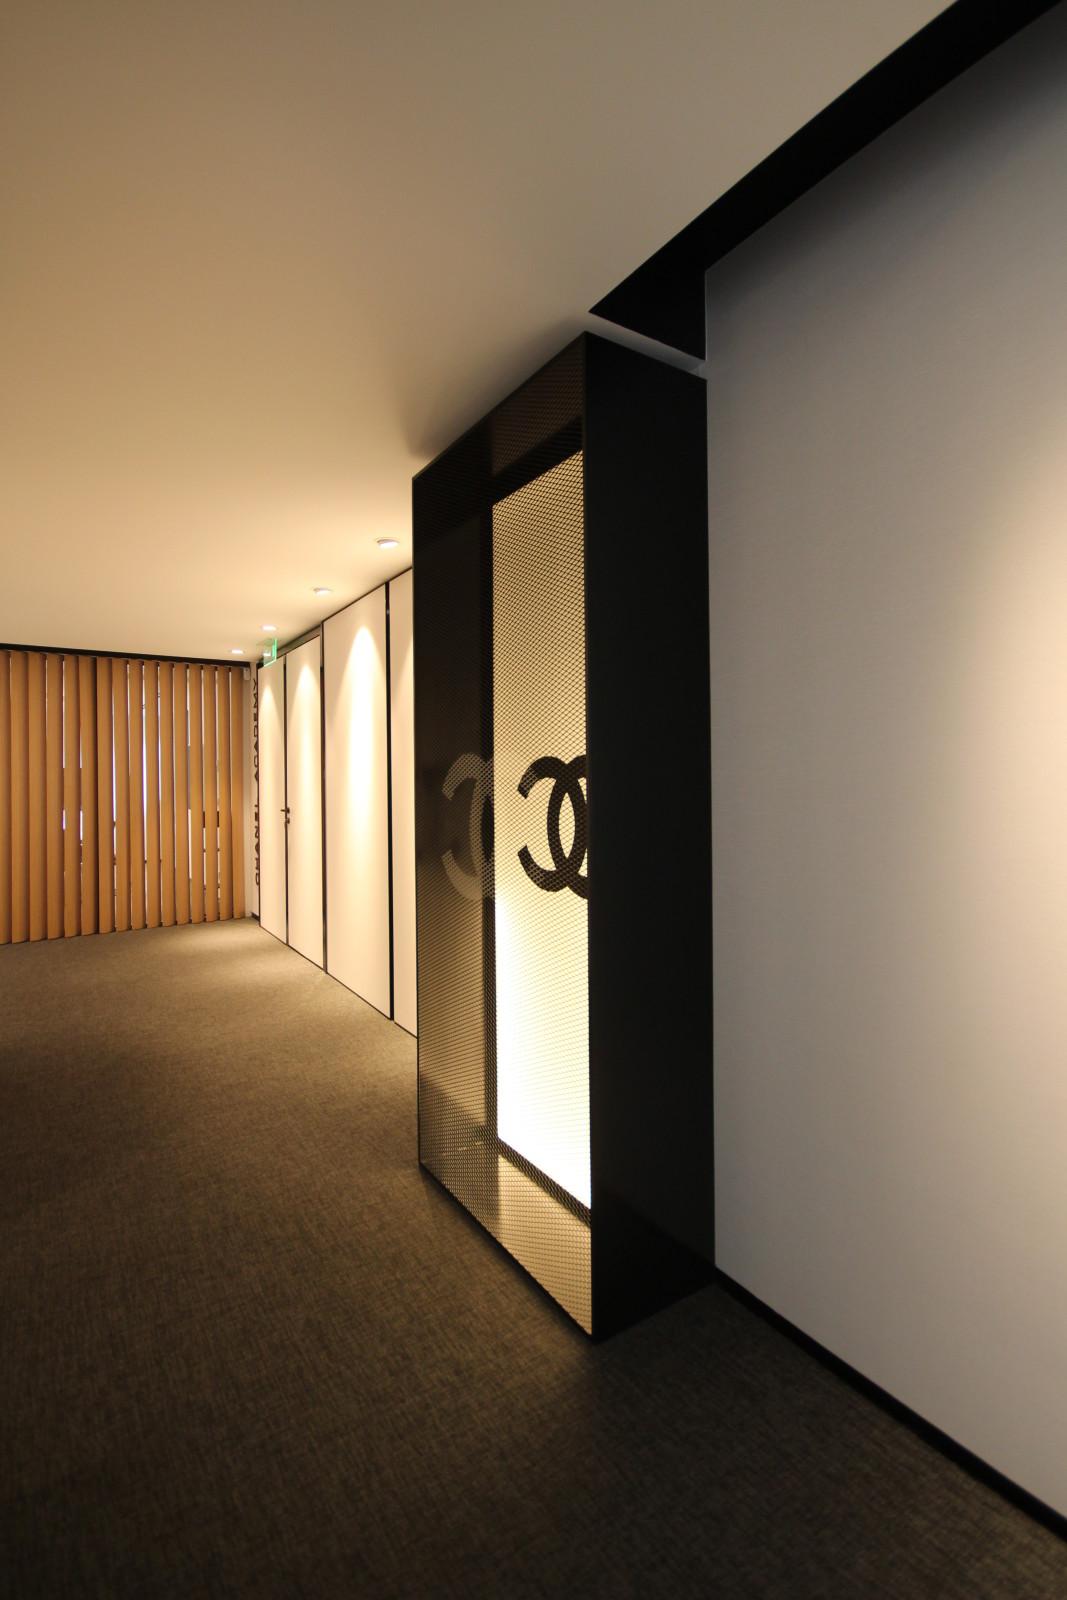 o de da aguirre newman foi responsvel pelo projecto em modelo chavenamo das novas instalaes da chanel